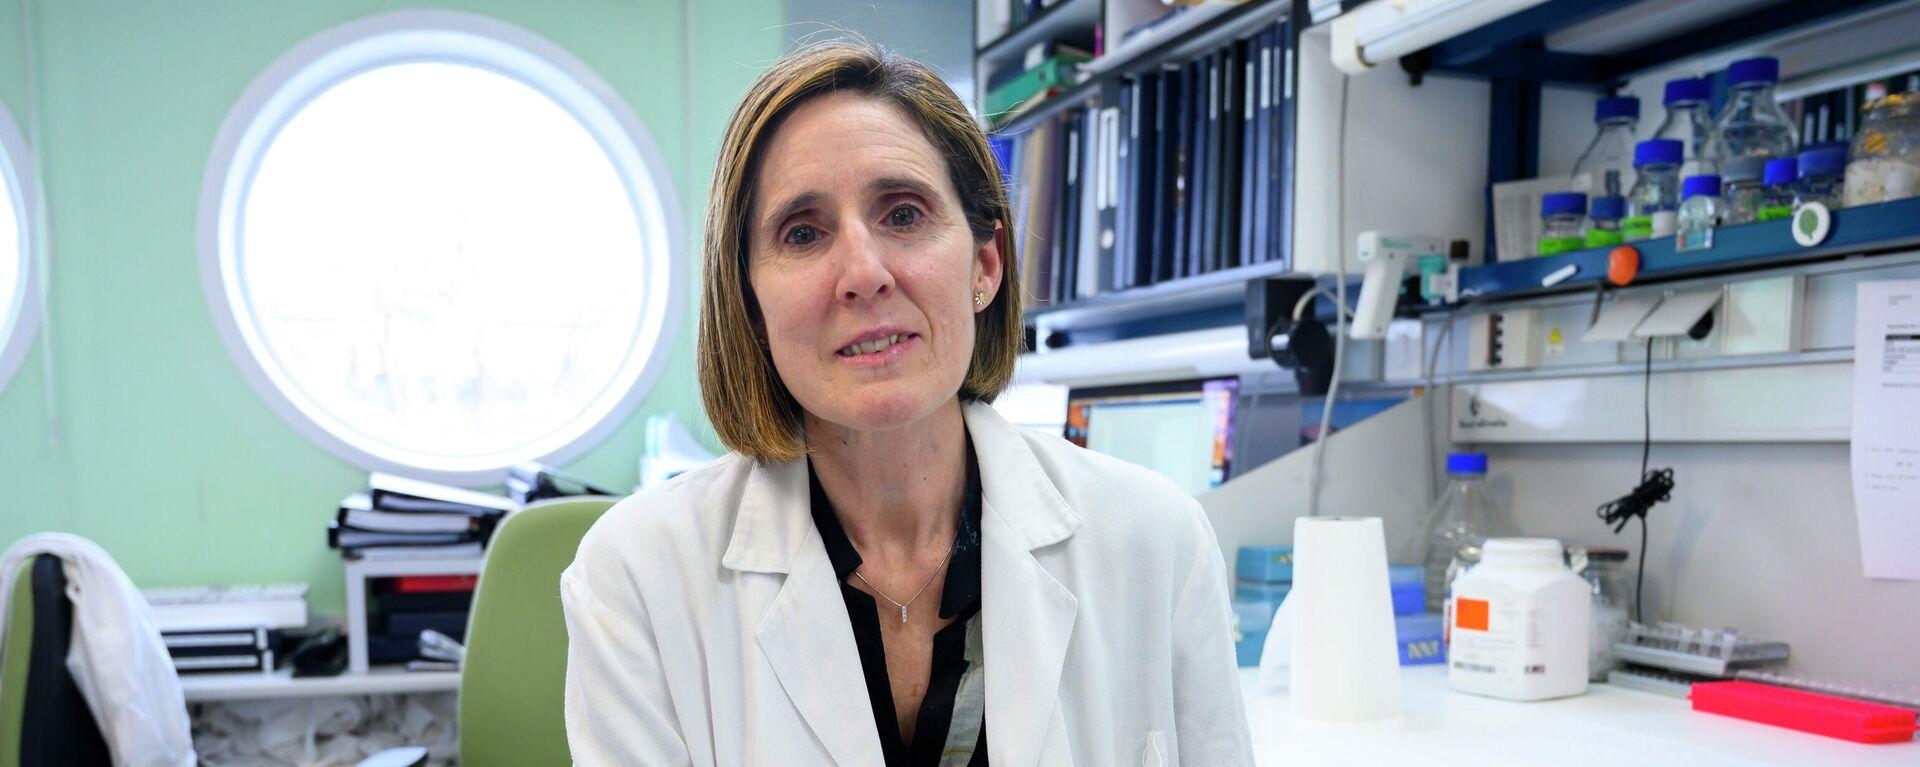 Isabel Sola, investigadora del Centro Nacional de Biotecnología y codirectora del grupo de coronavirus - Sputnik Mundo, 1920, 14.09.2021